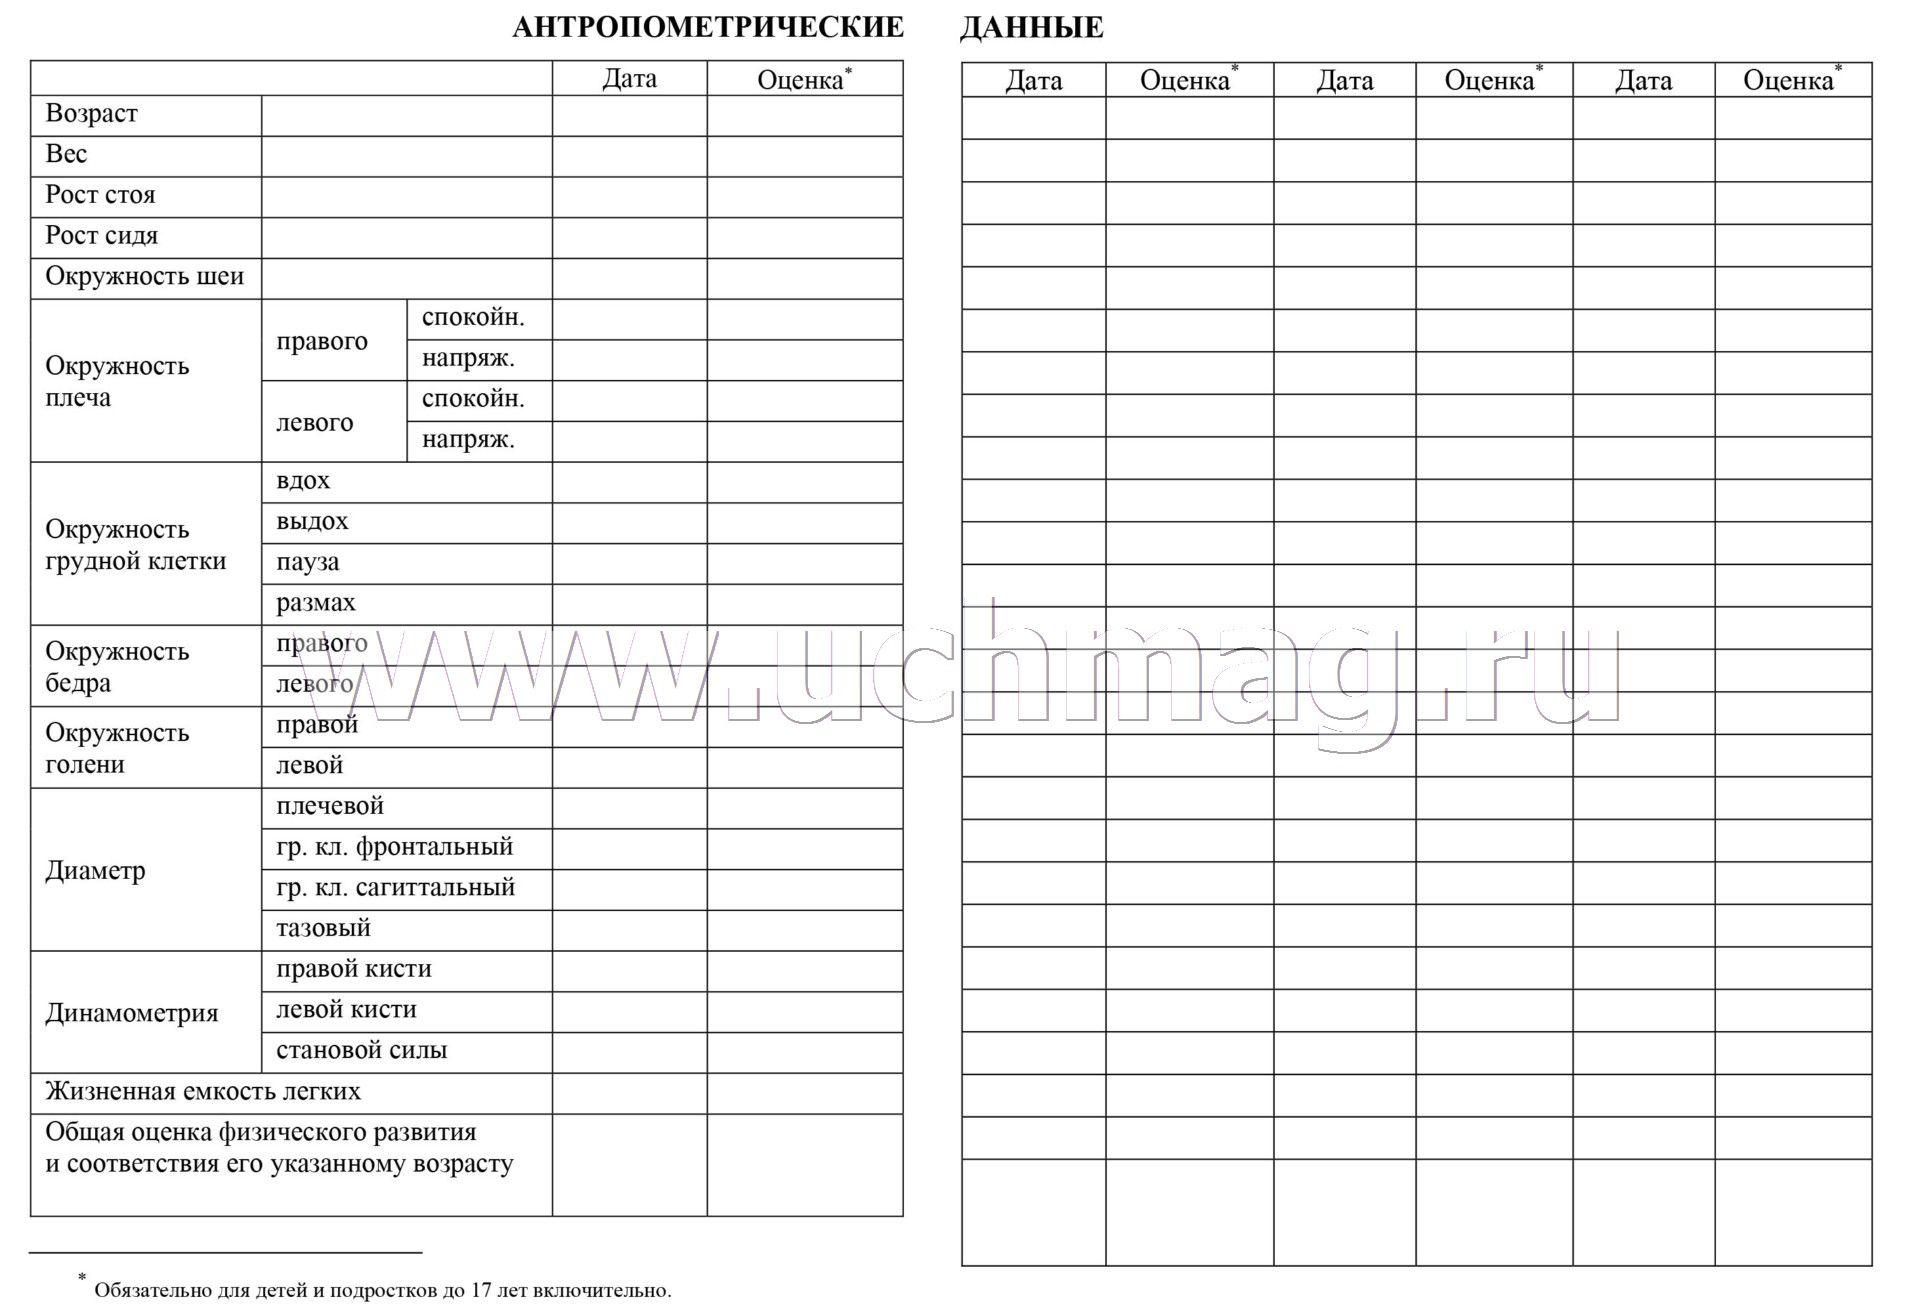 Врачебно контрольная карта диспансерного наблюдения спортсмена   Врачебно контрольная карта диспансерного наблюдения спортсмена форма № 062 у интернет